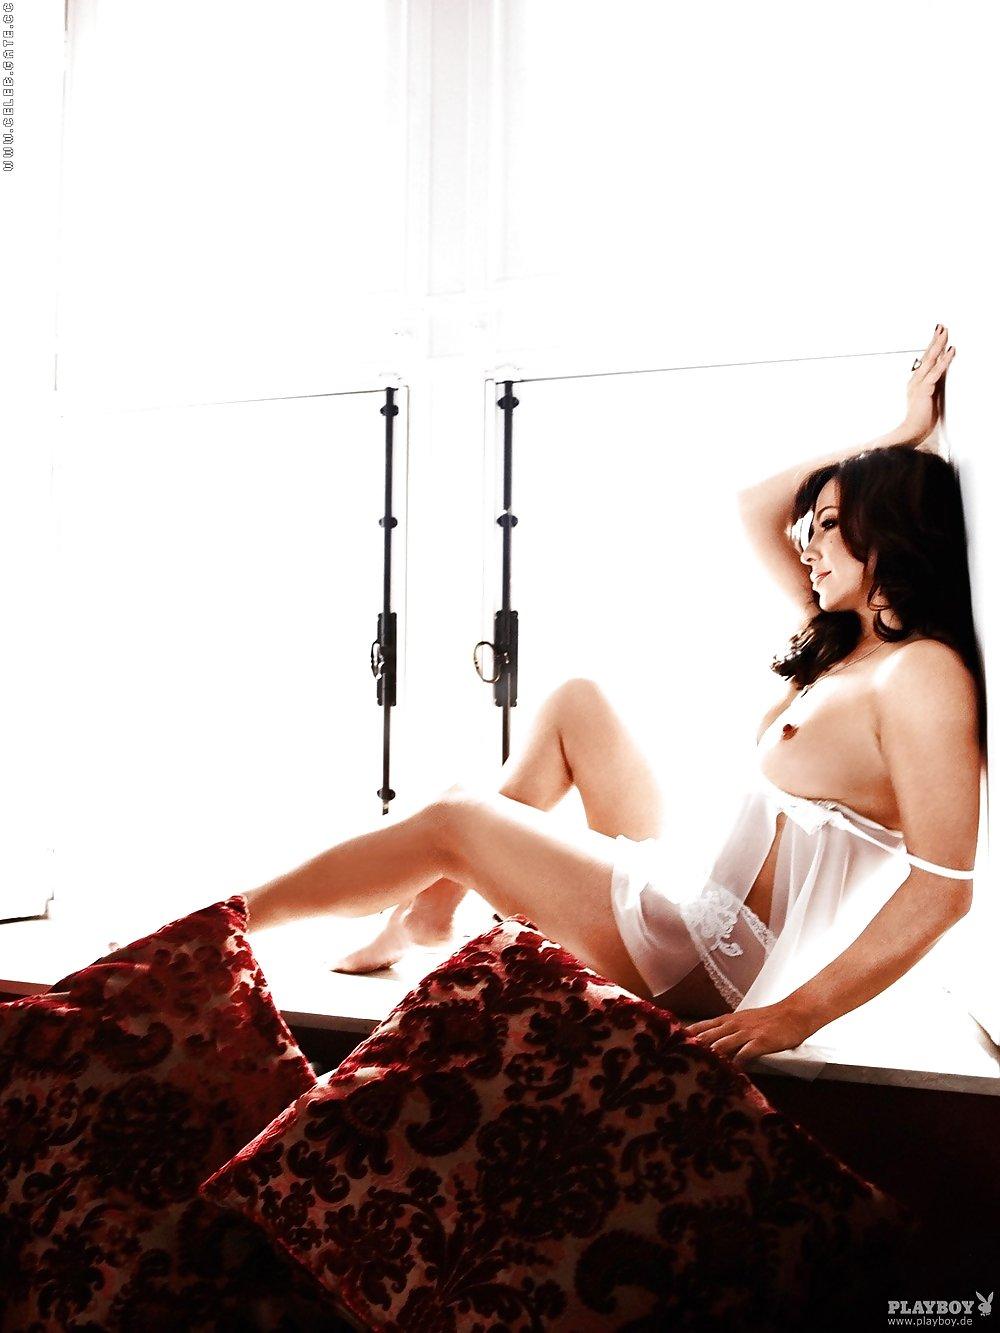 Playboy Simone Thomalla